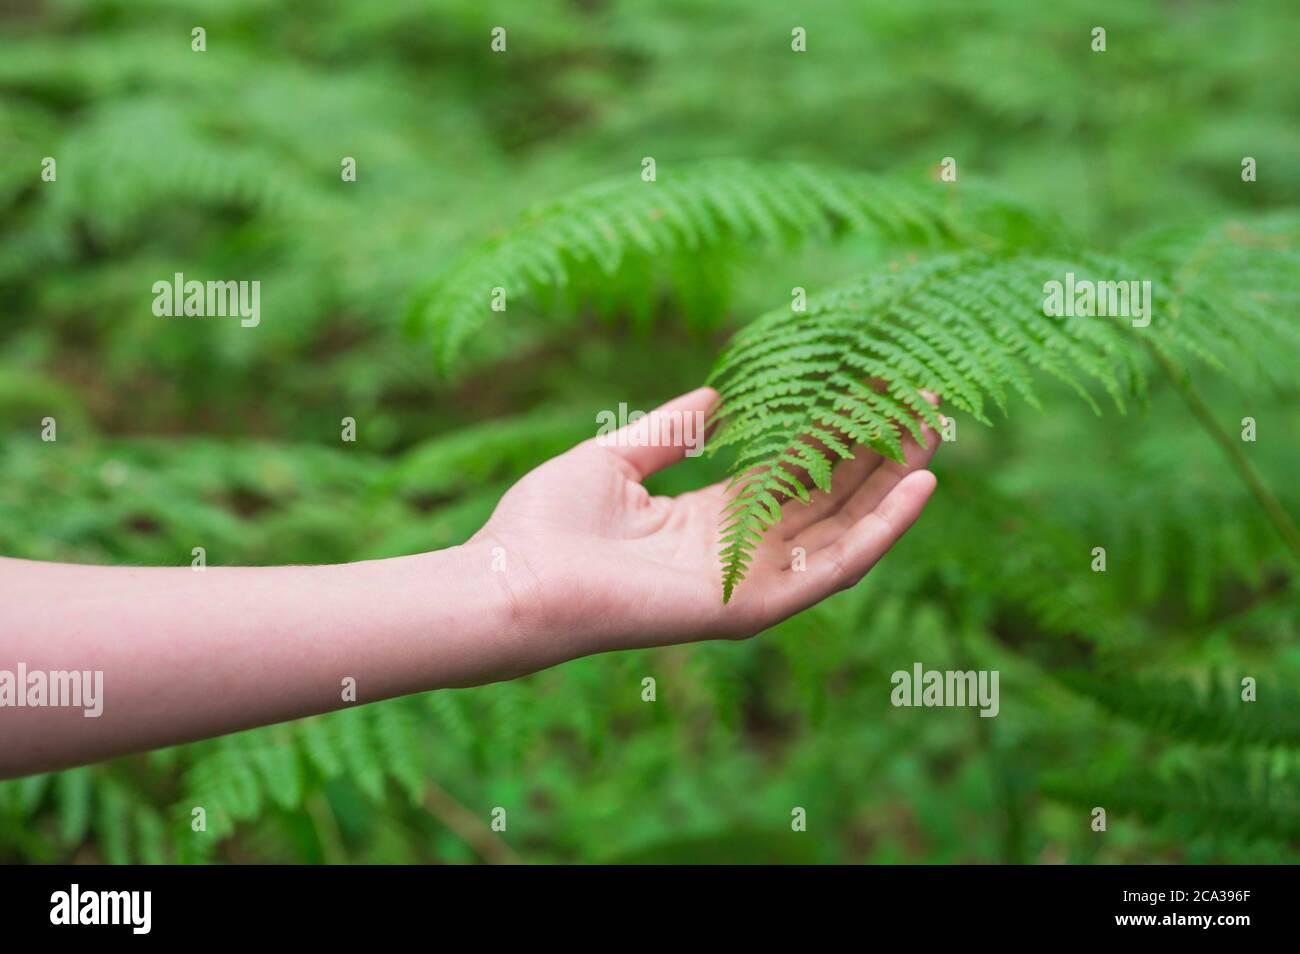 Mano femminile, con le dita lunghe e aggraziate tocca delicatamente la pianta, foglie di felce. Primo piano di una persona irriconoscibile. Immagine di alta qualità. Foto Stock